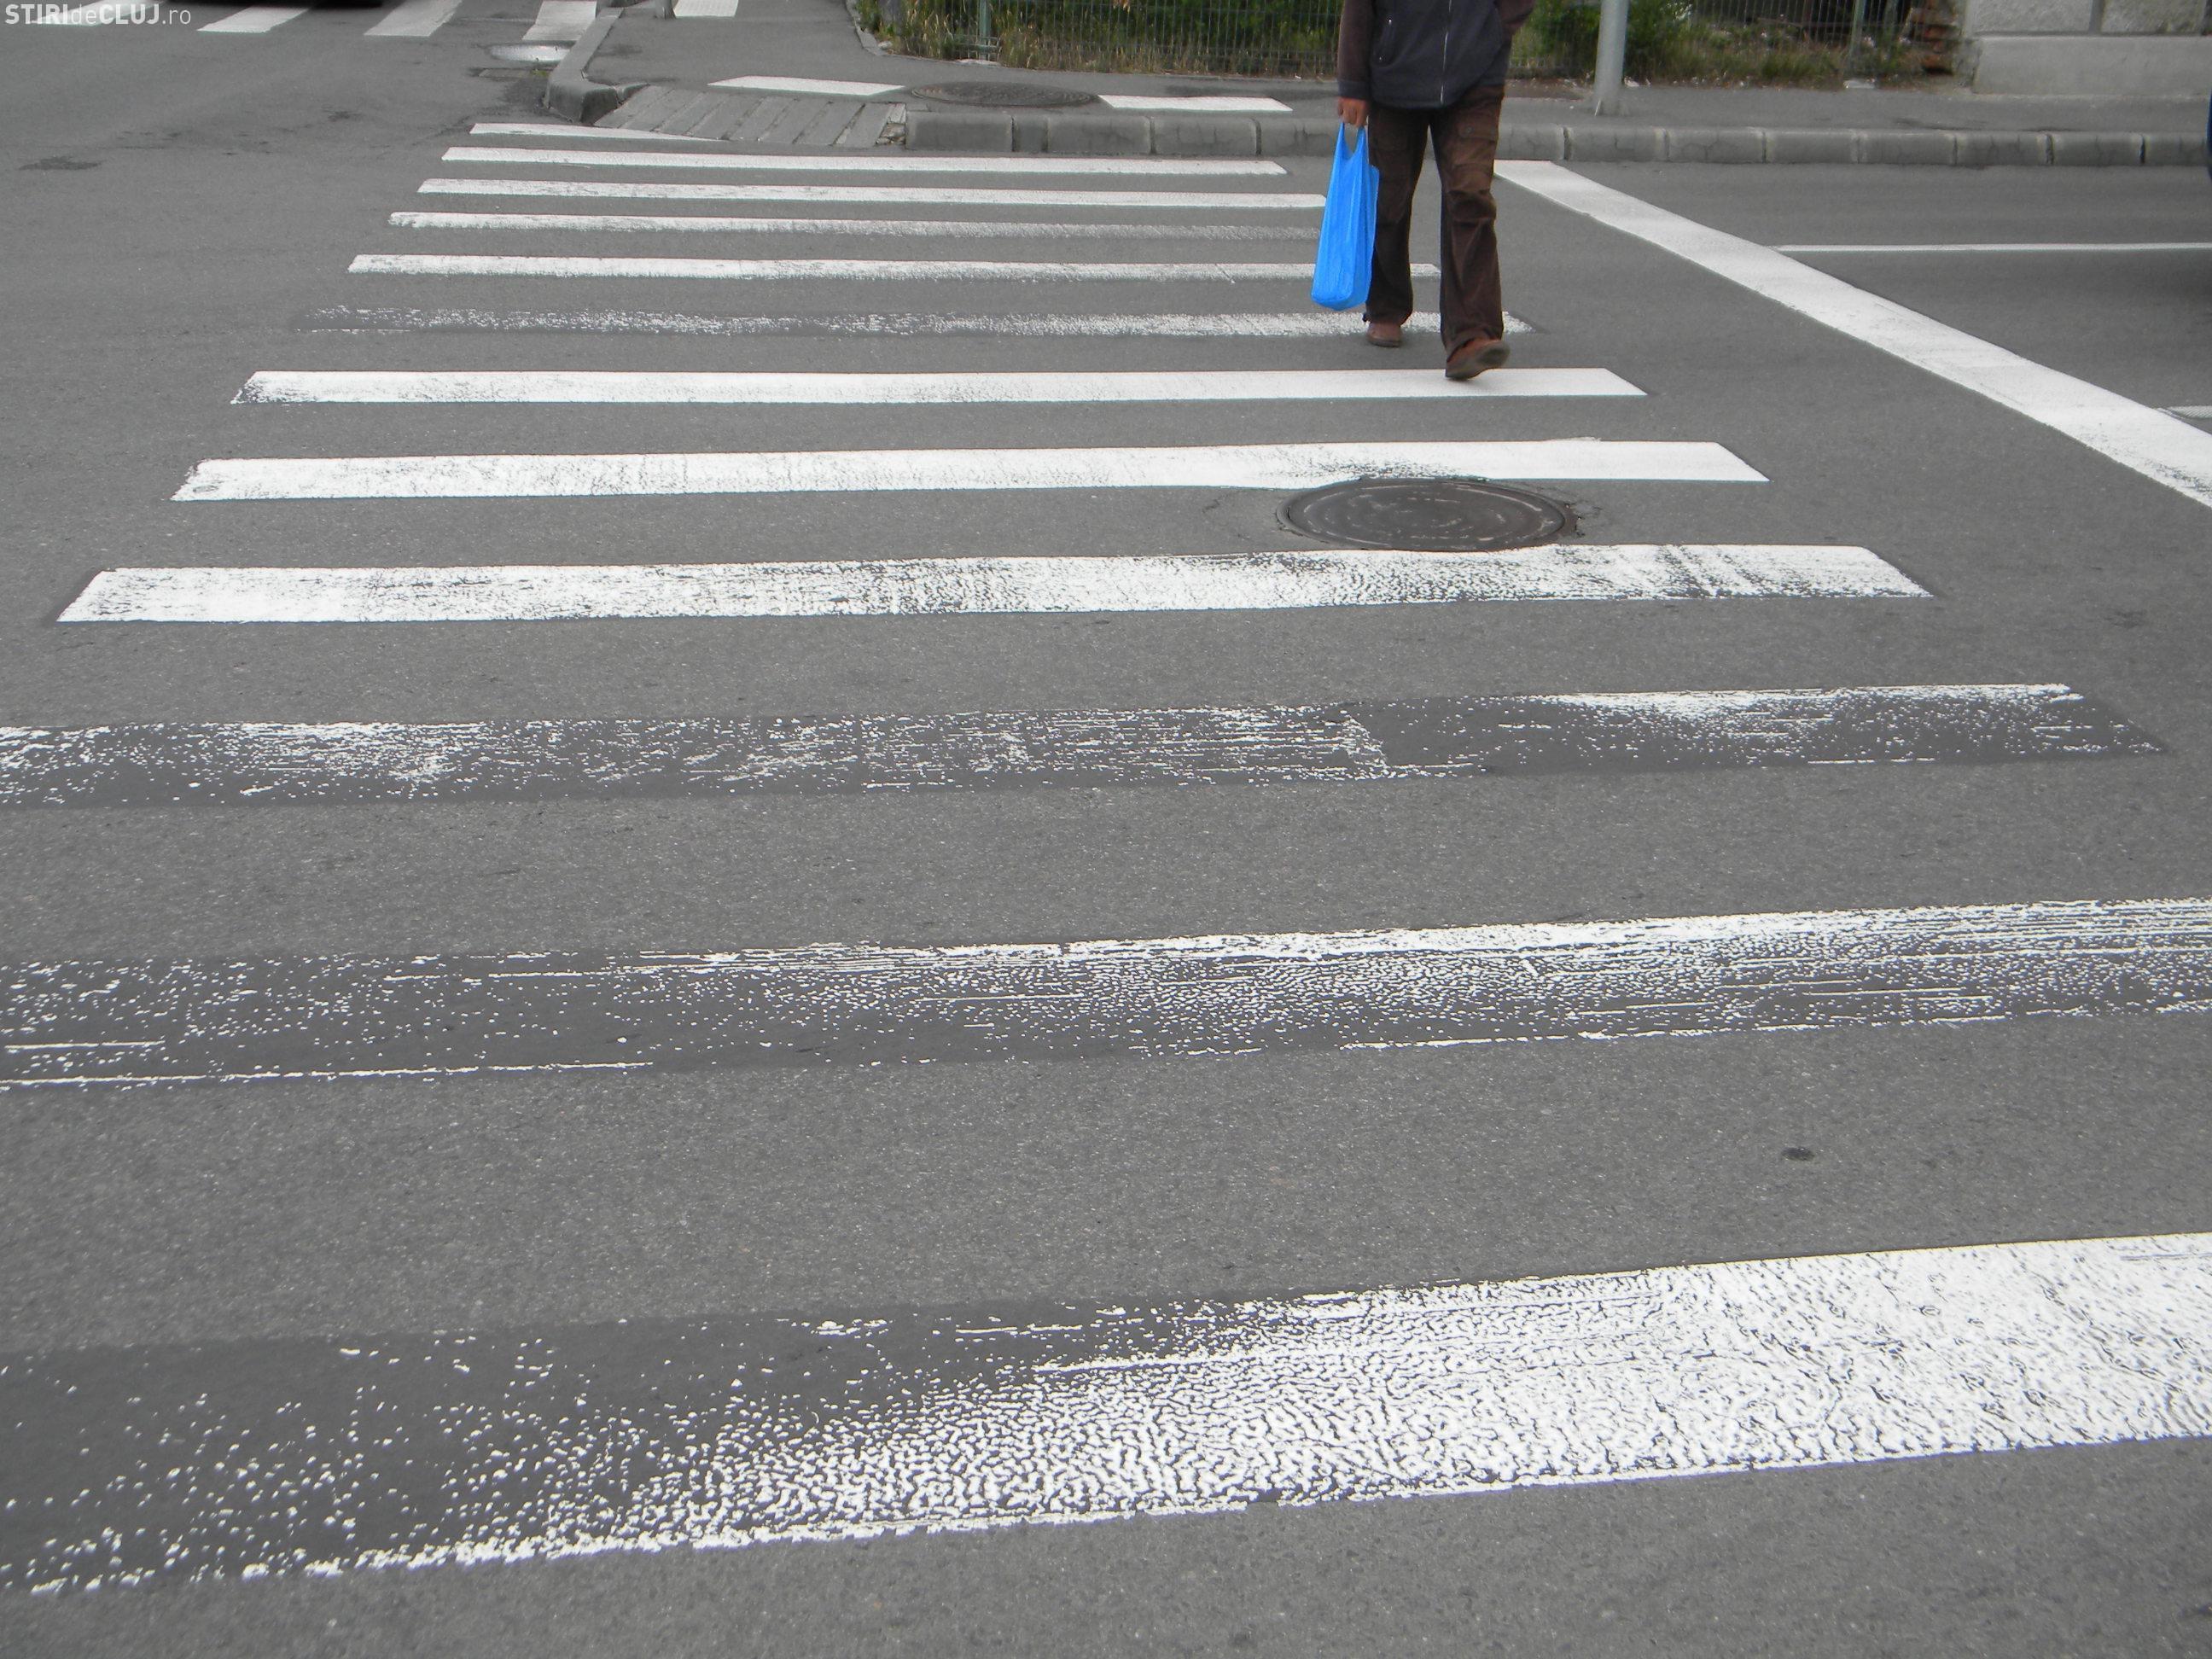 Tânără lovită pe trecerea de pietoni la Cluj. Șoferul a dat peste ea și a fugit de la fața locului